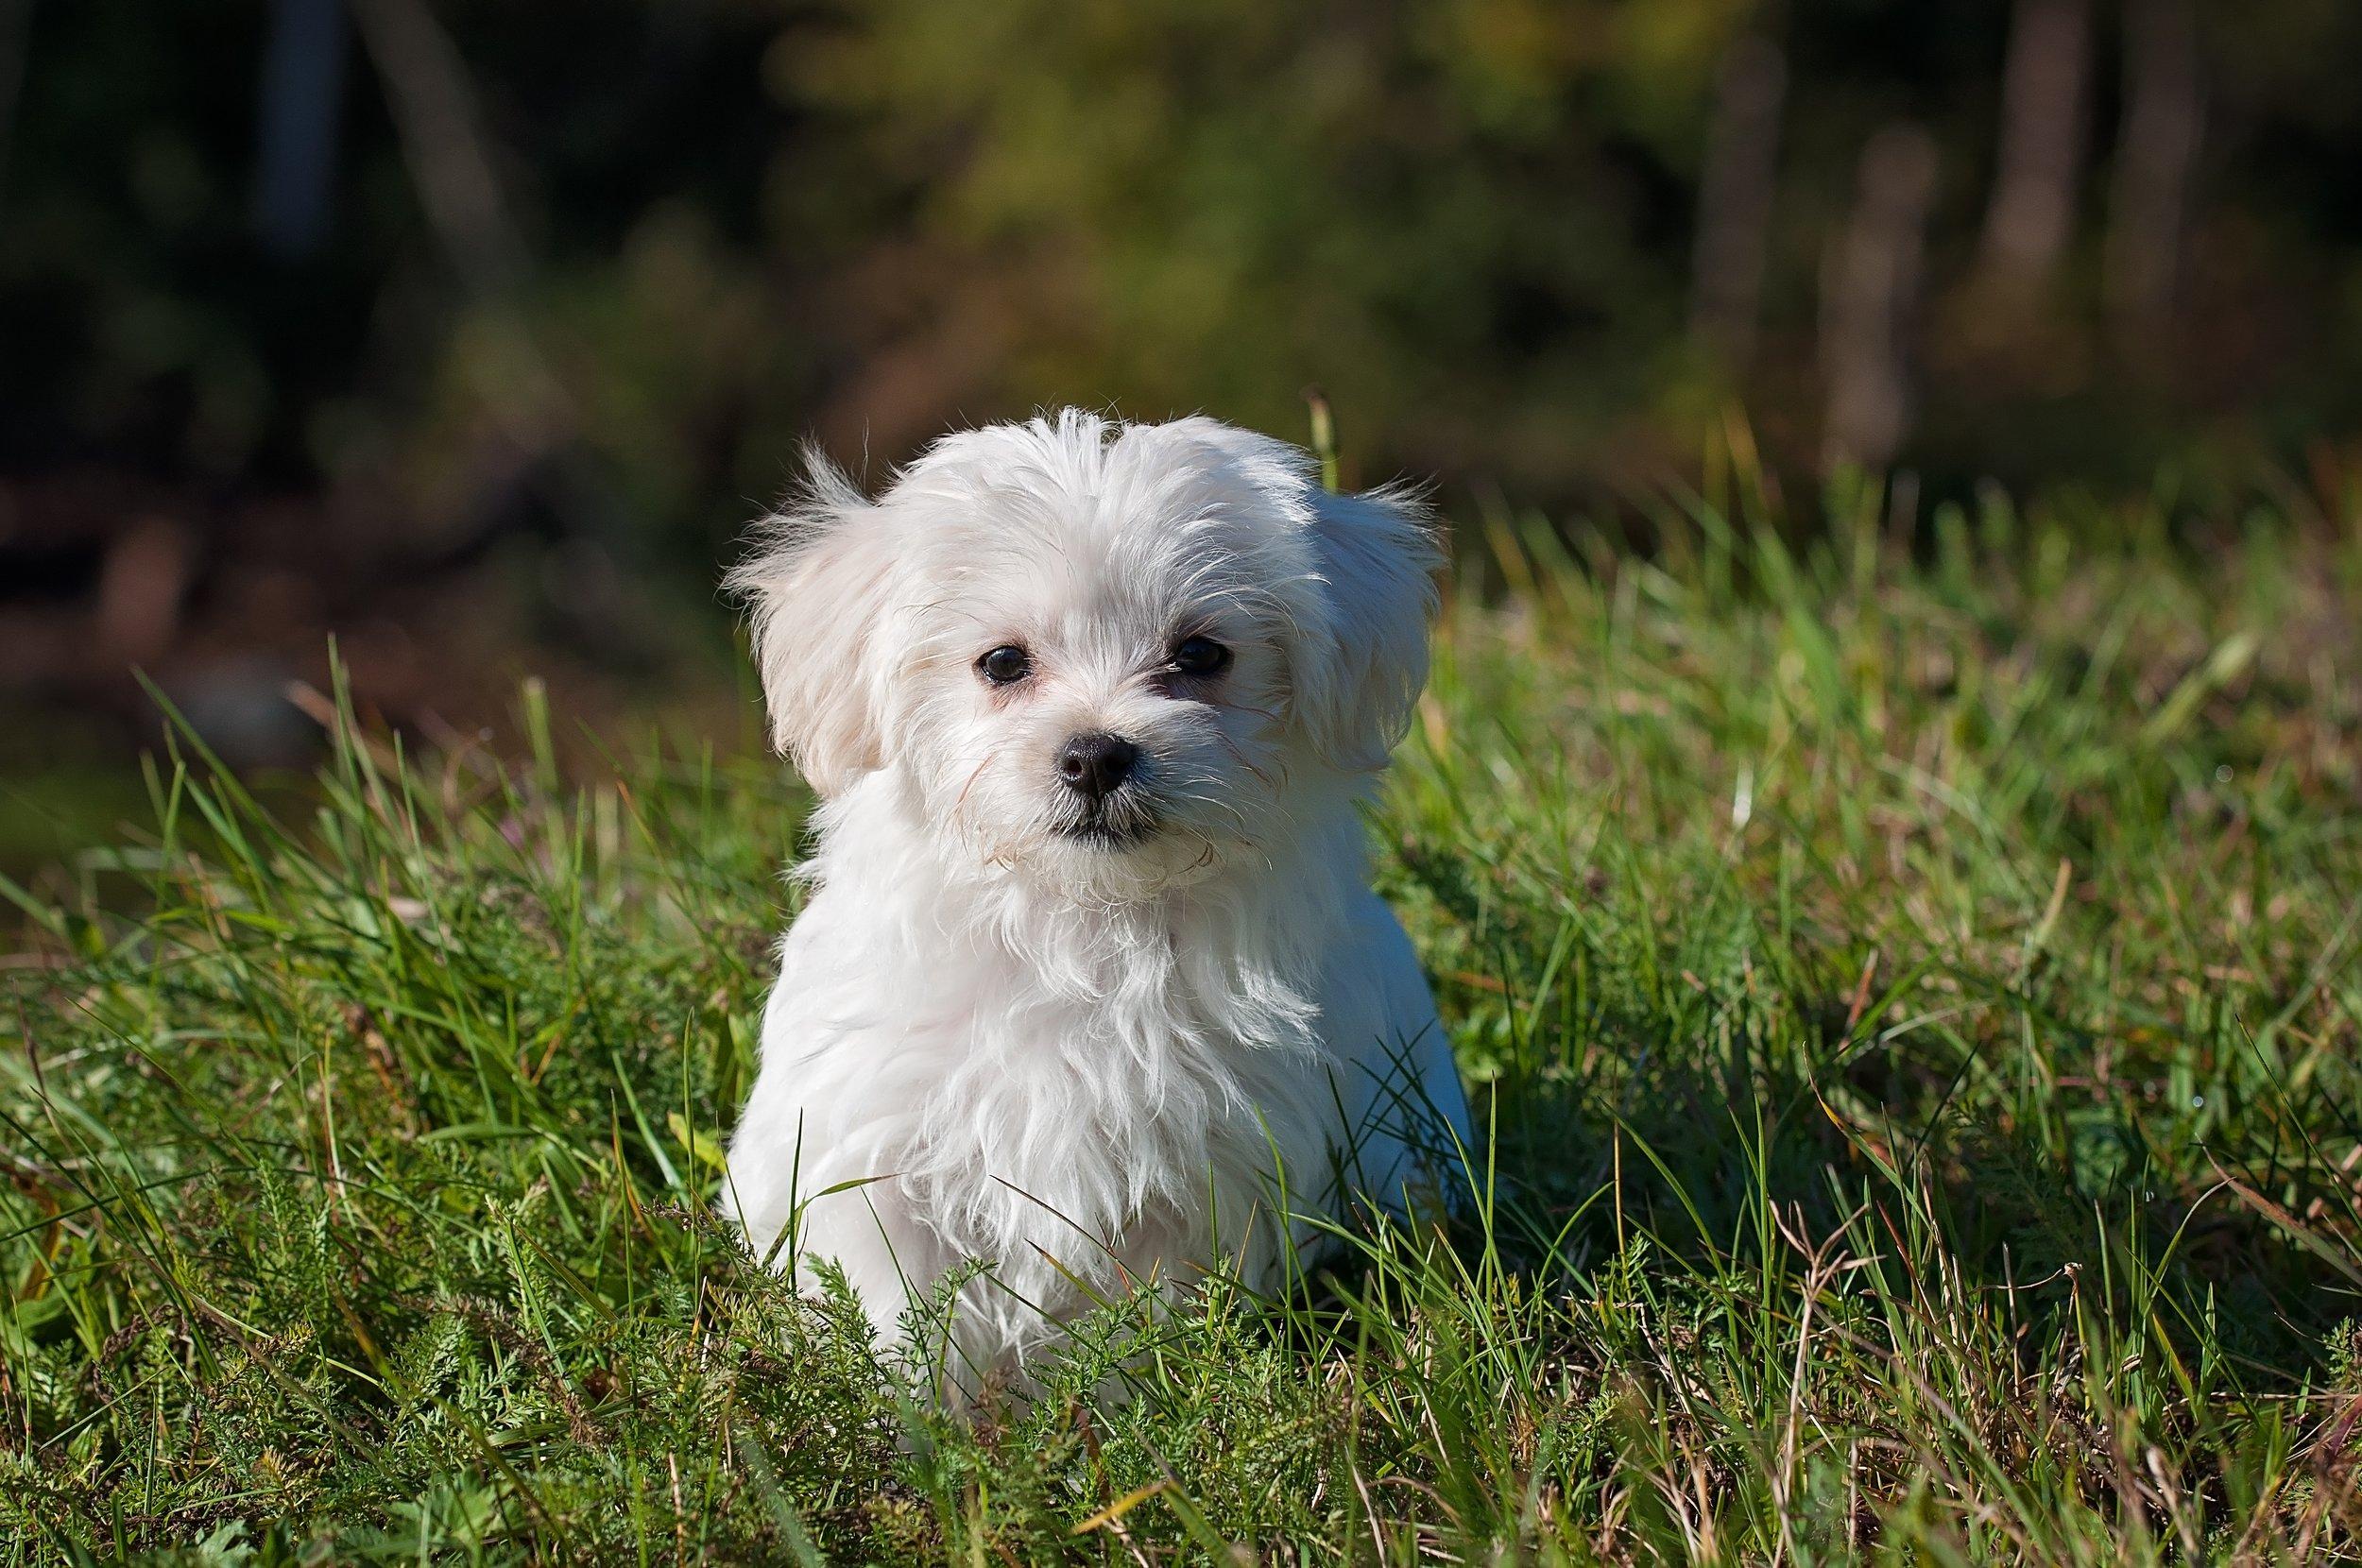 dog-young-dog-small-dog-maltese.jpg